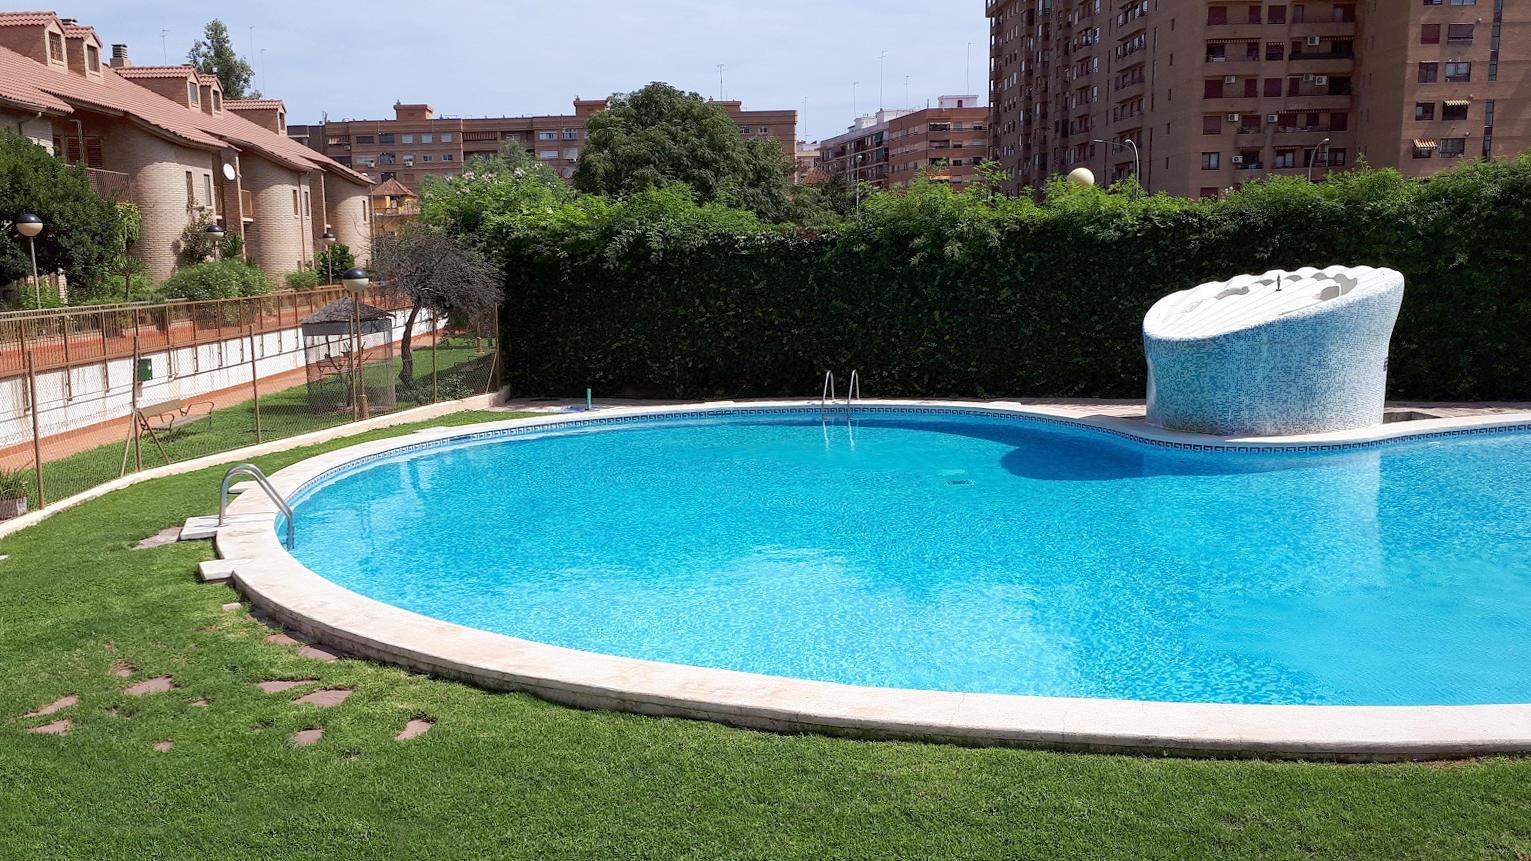 195015 - Casa Adosada en venta en Valencia / Chalet adosado en Benimaclet